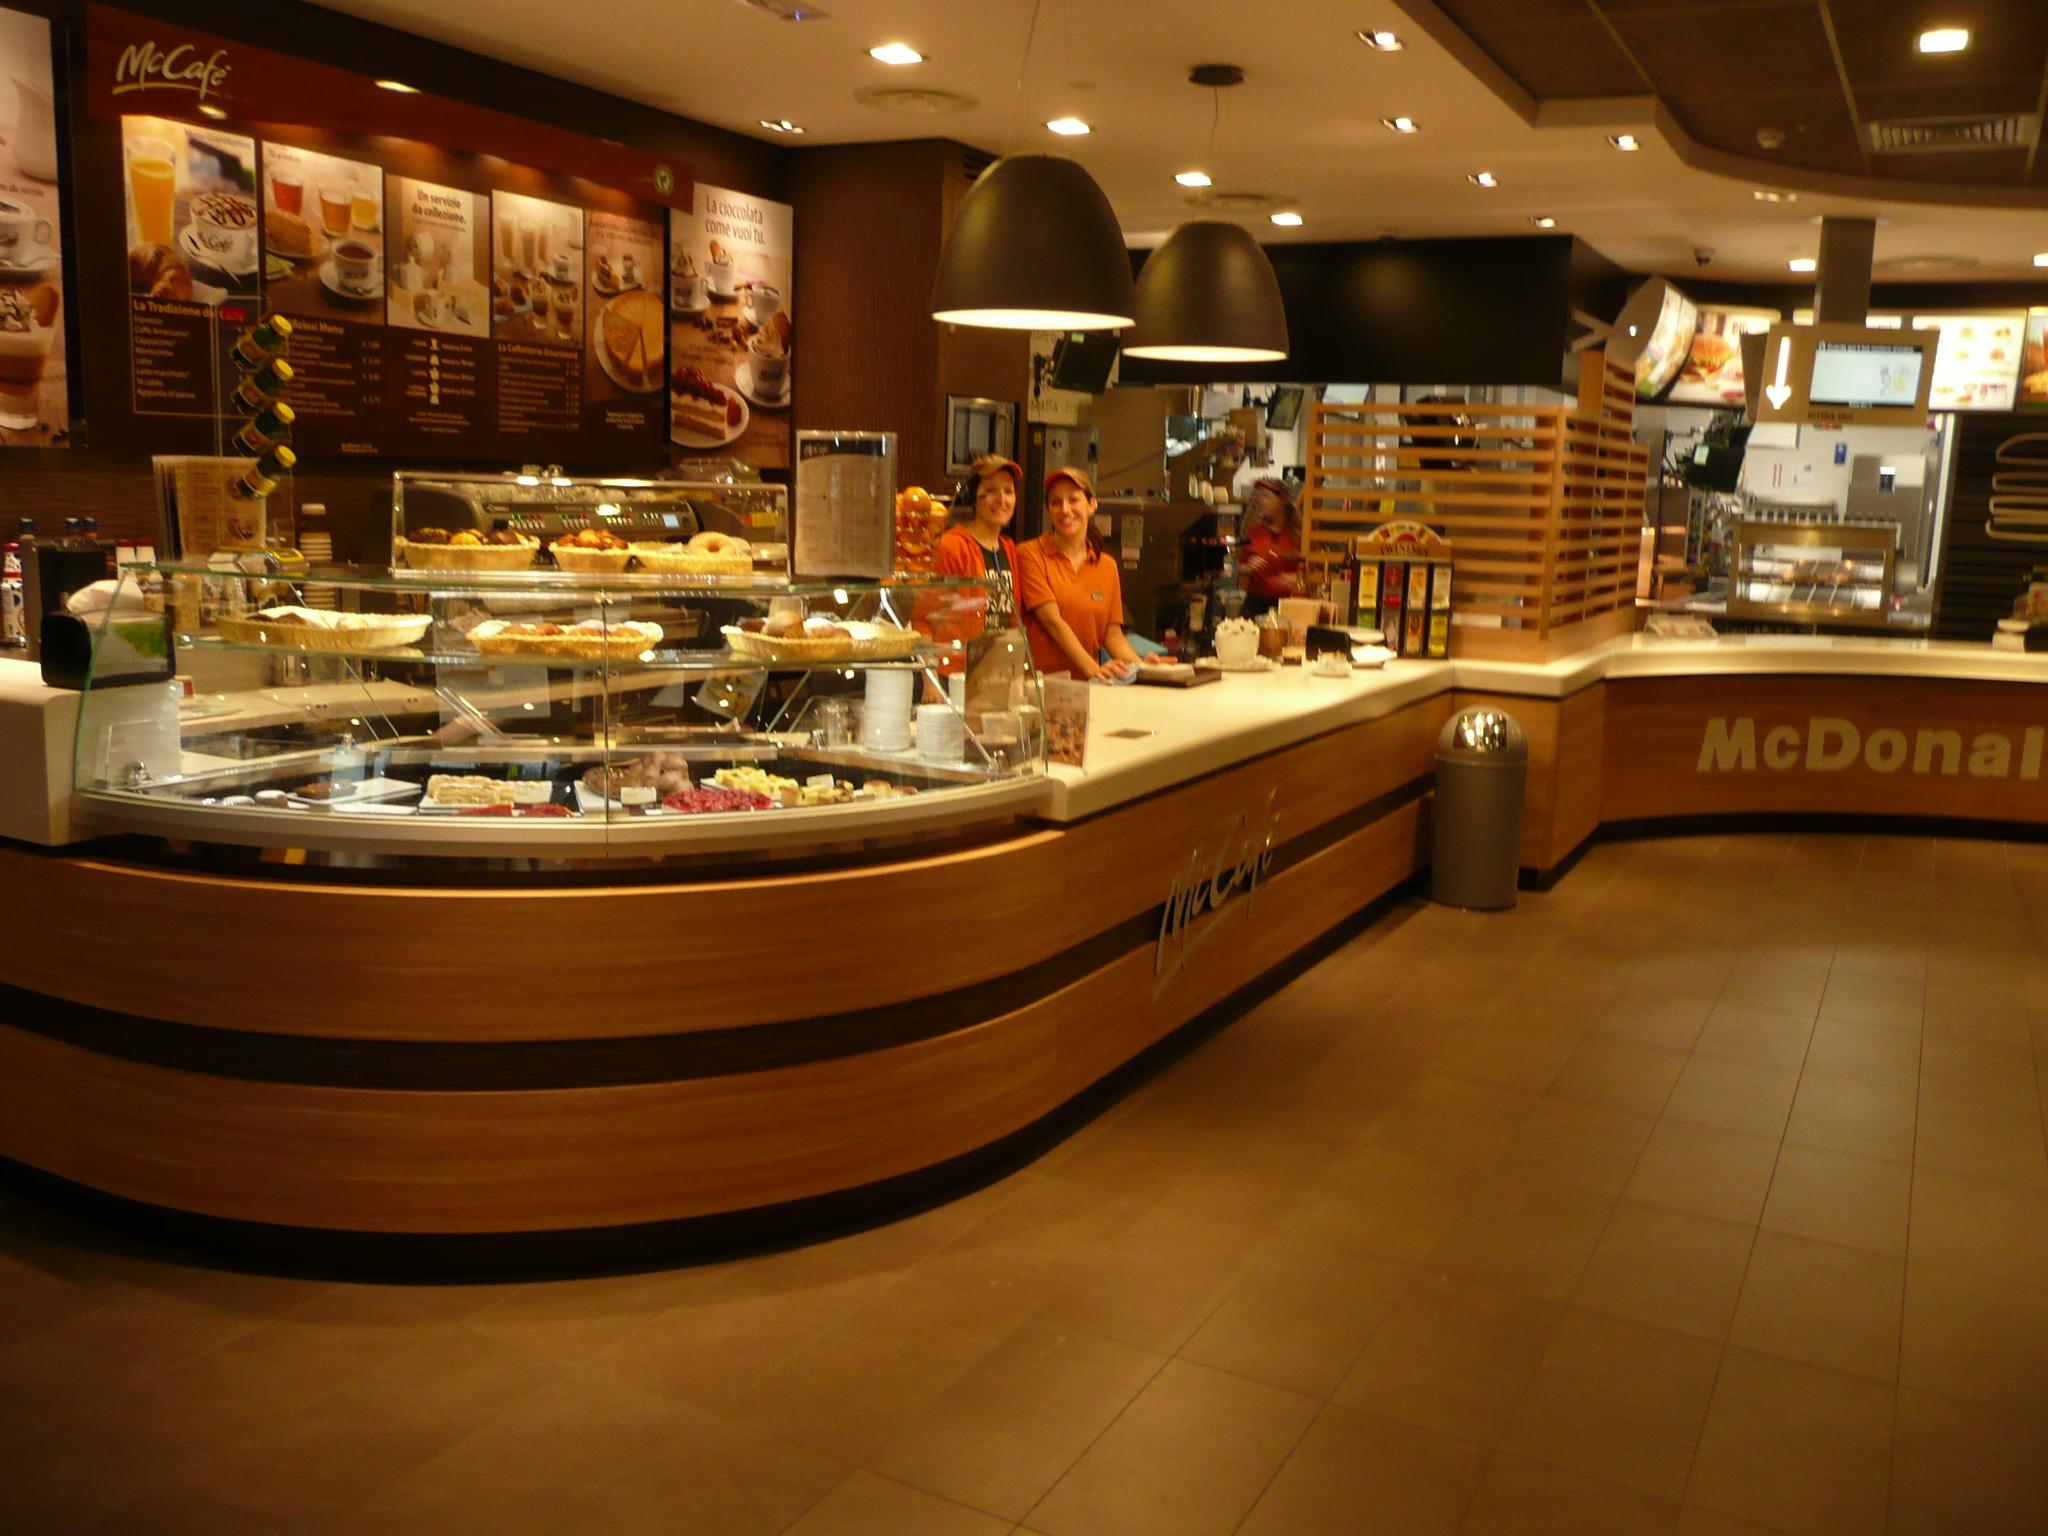 Mccafe counter modena est arredamento bar e ristoranti for Arredamento bar e ristoranti